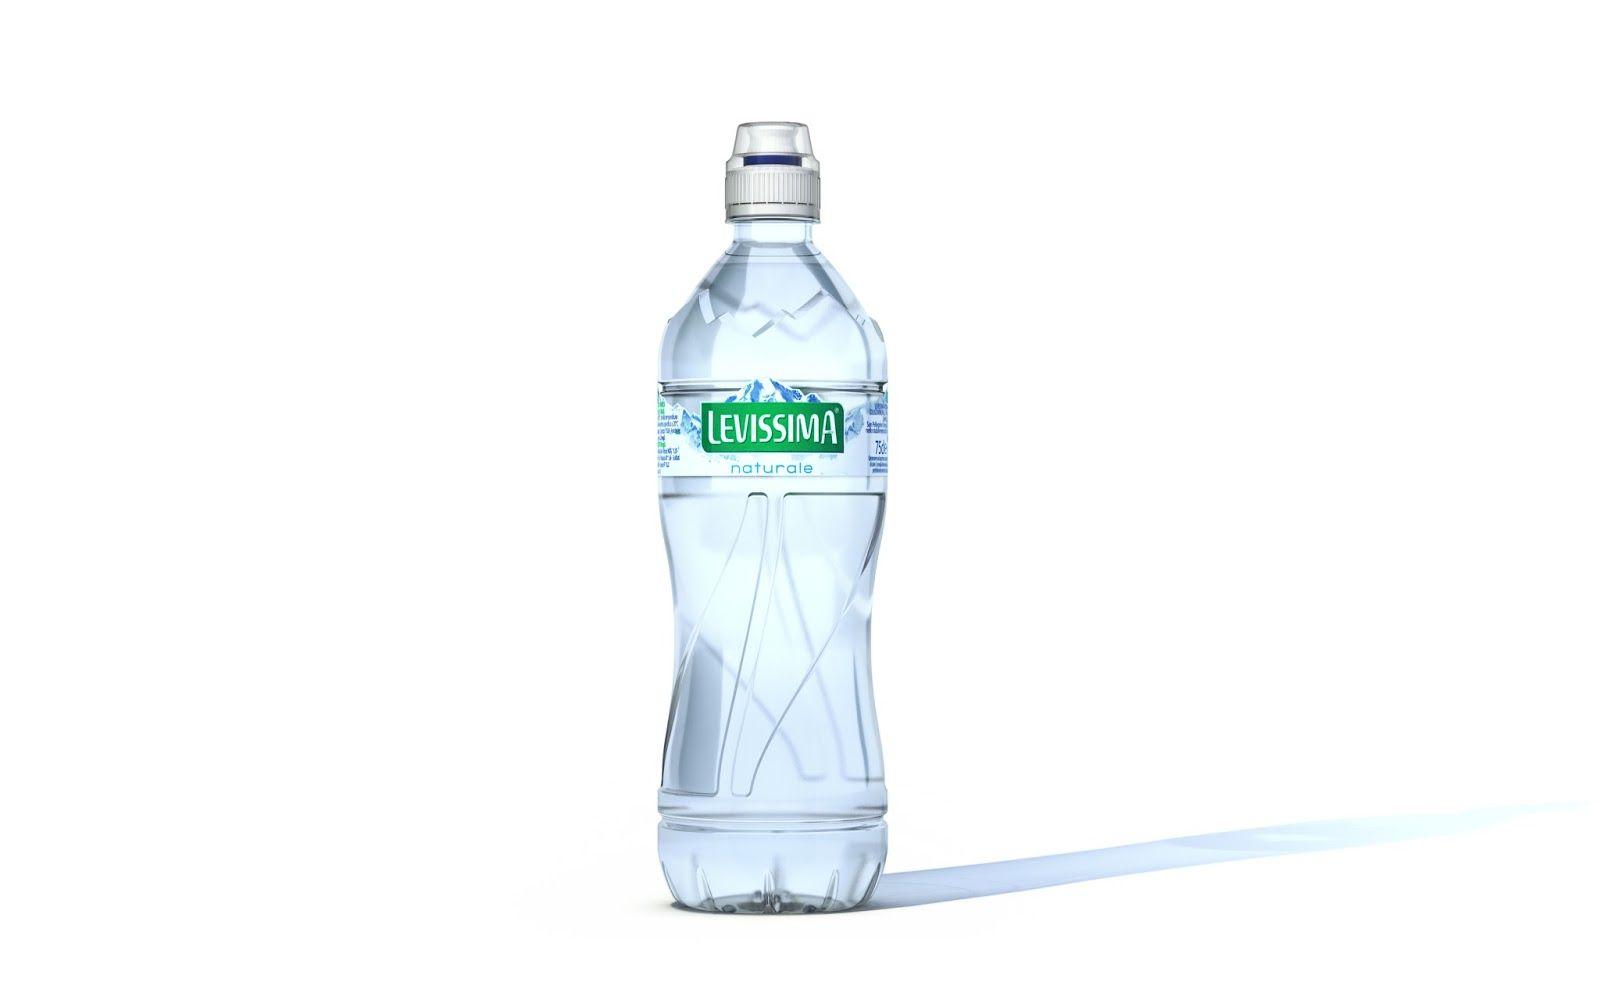 Levissima La75 Water Bottle Design Bottle Design Packaging